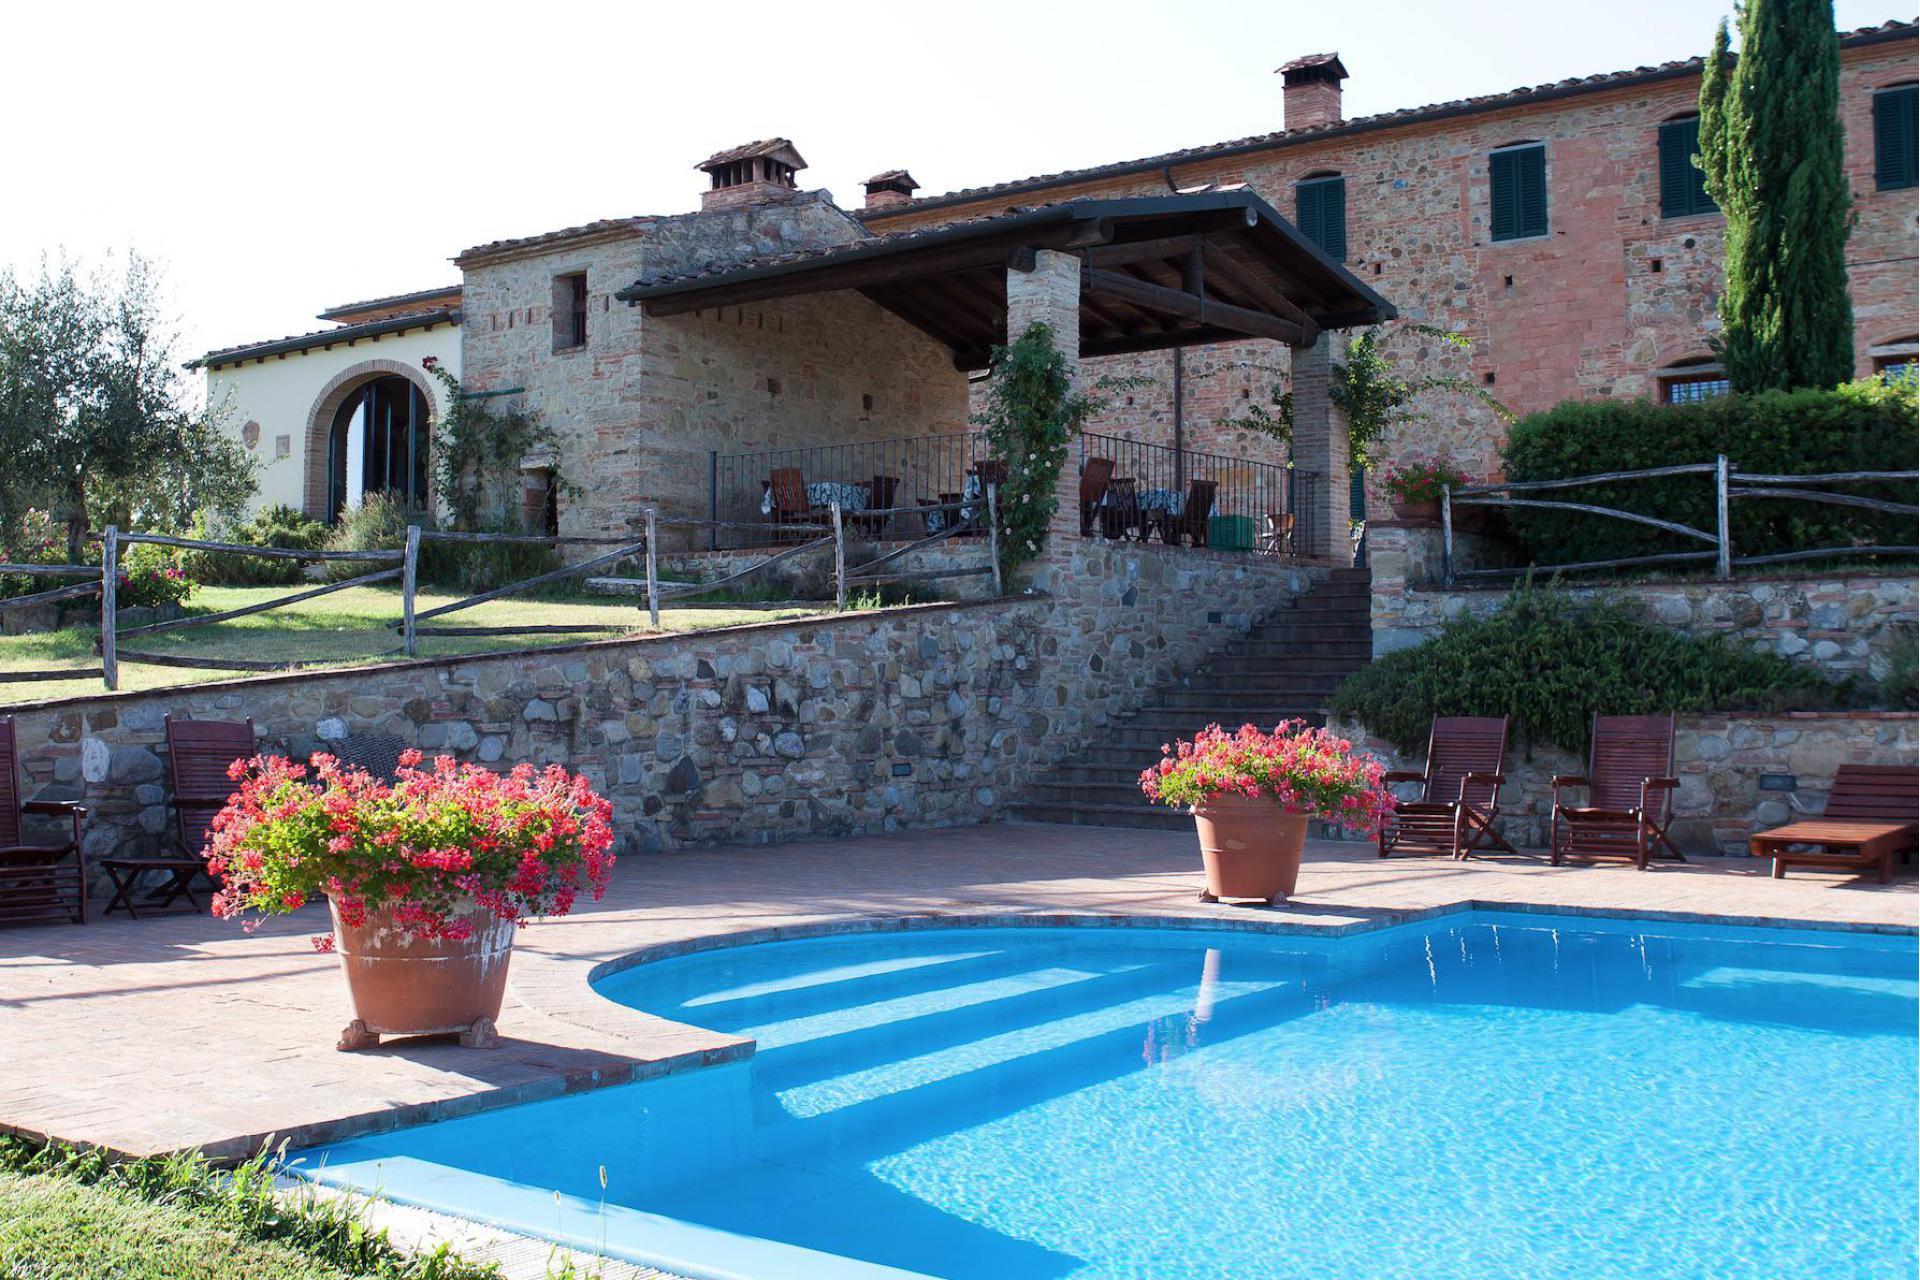 Agriturismo Toscane Agriturismo Toscane, Kindvriendelijk en pizza avond